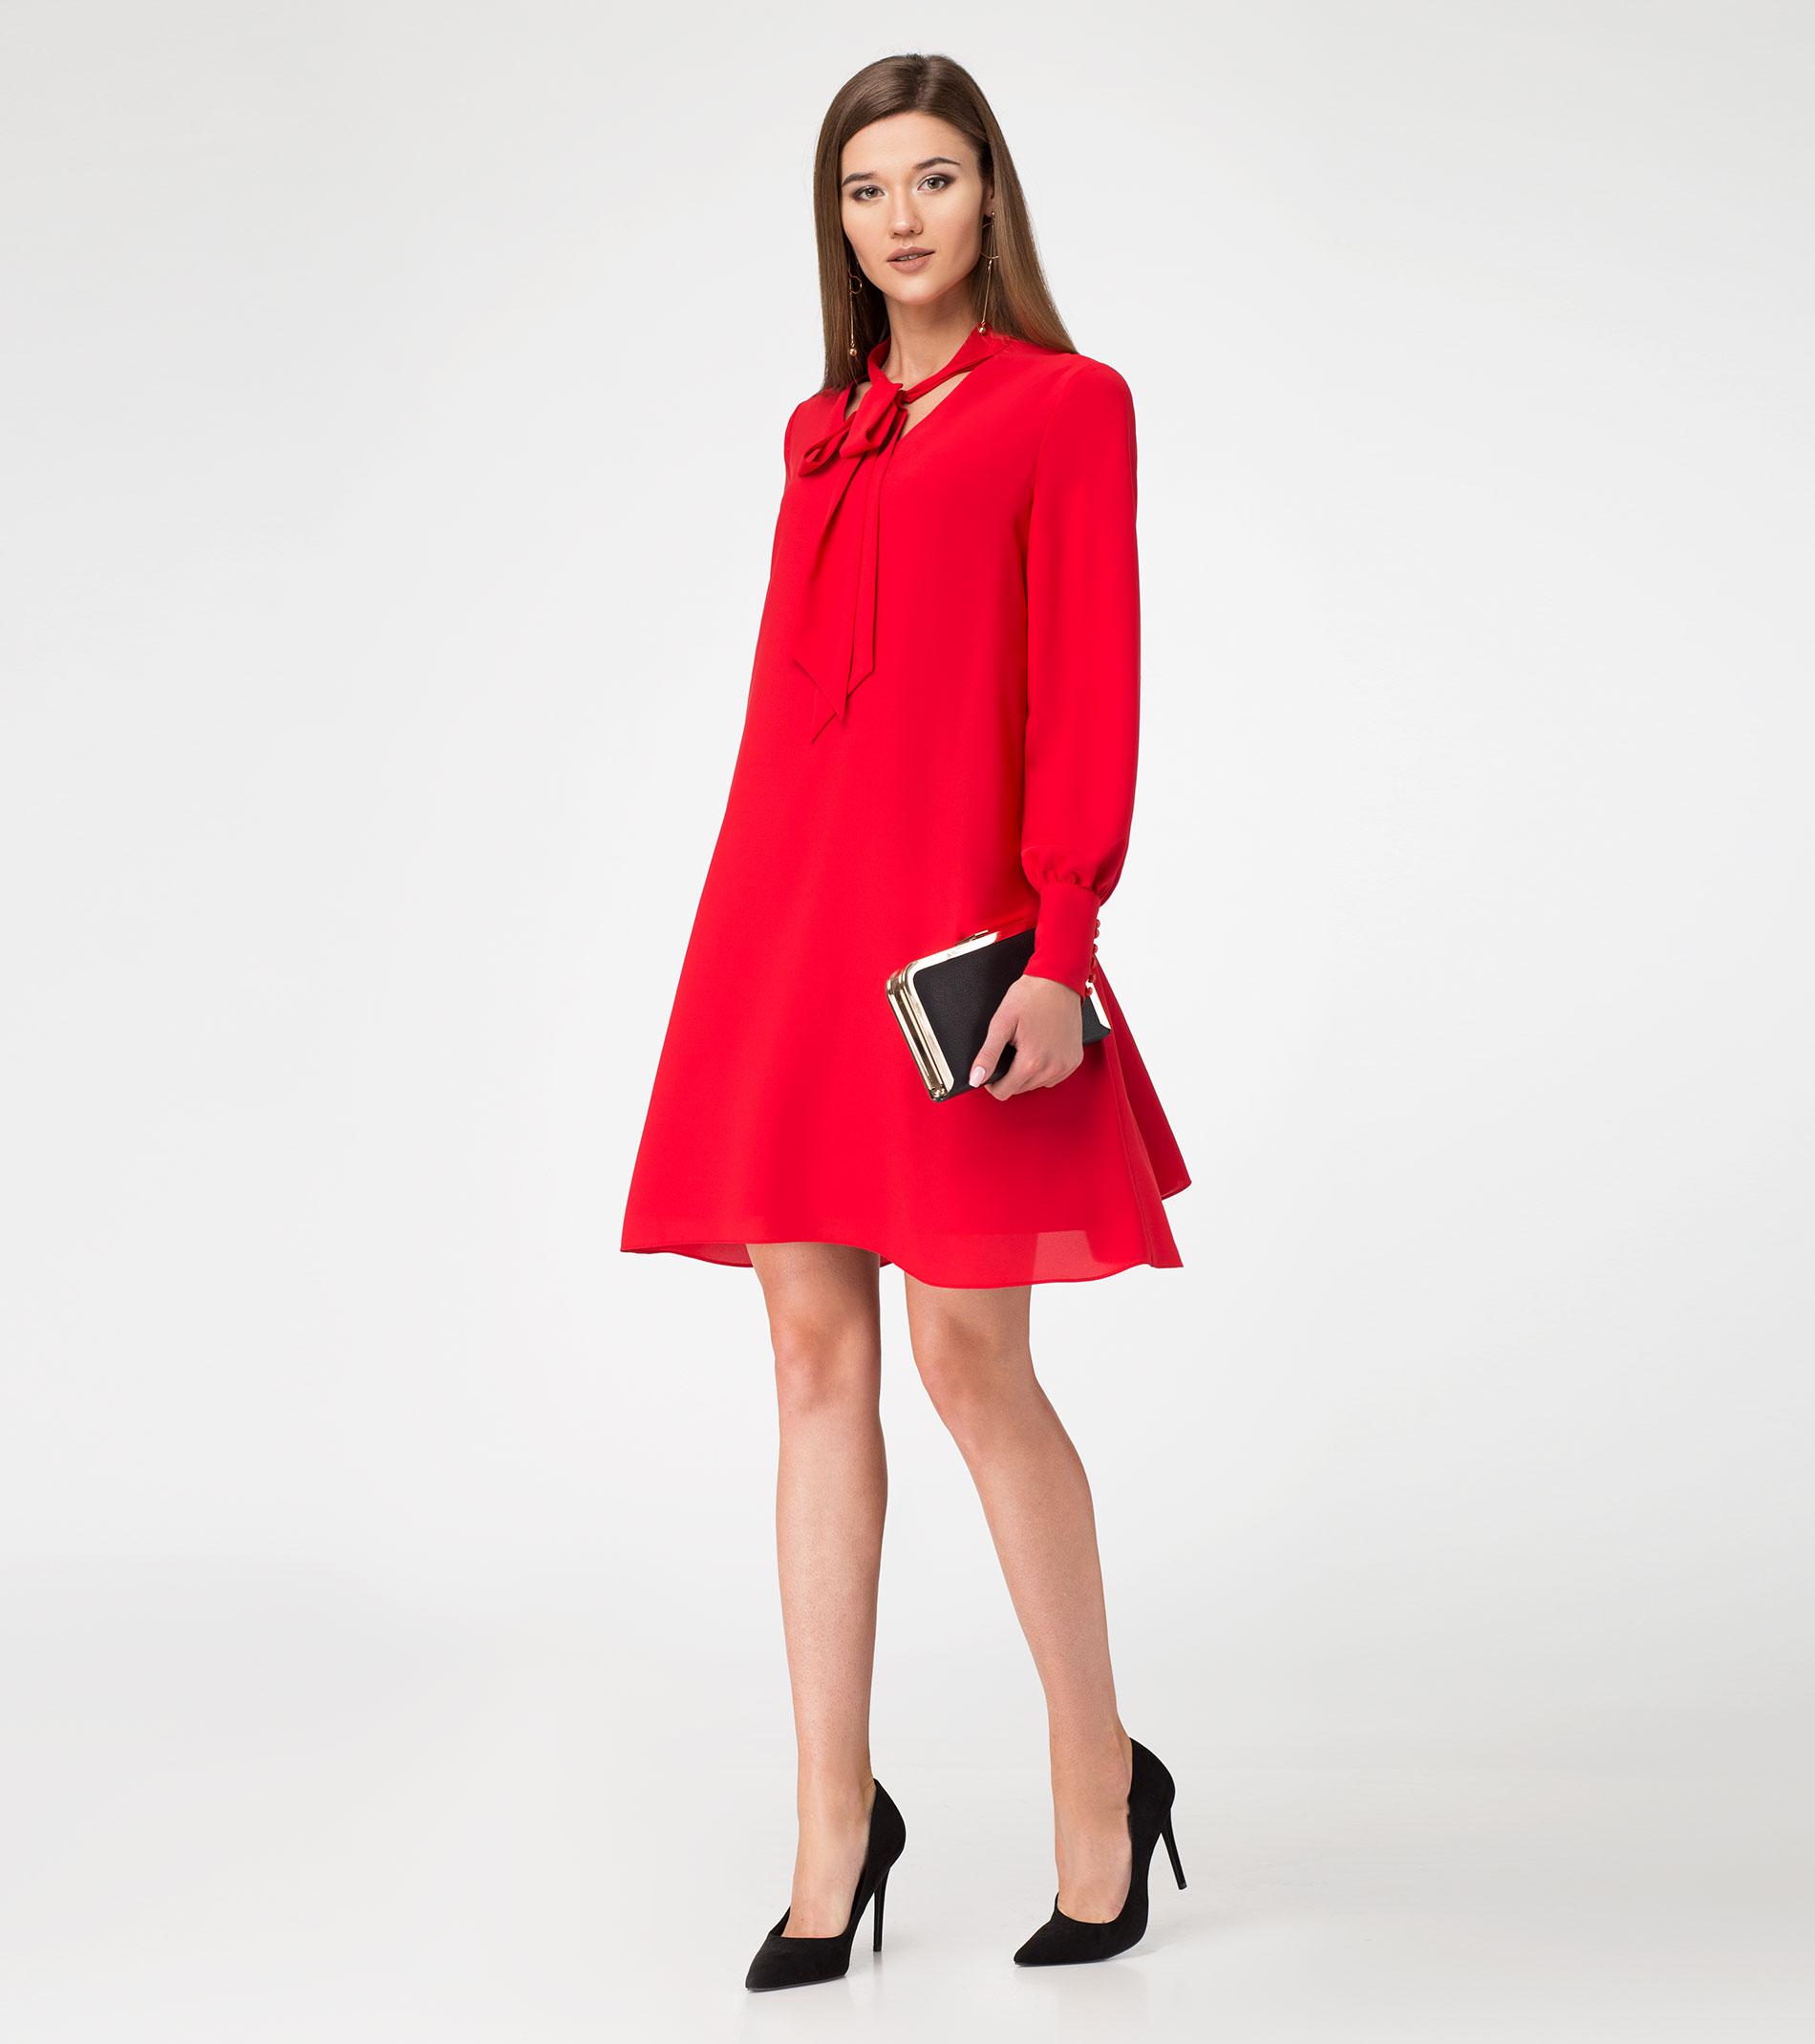 4b1c9633a99 Платье женское ПА 412380 купить в интернет-магазине shop.panda.by с ...